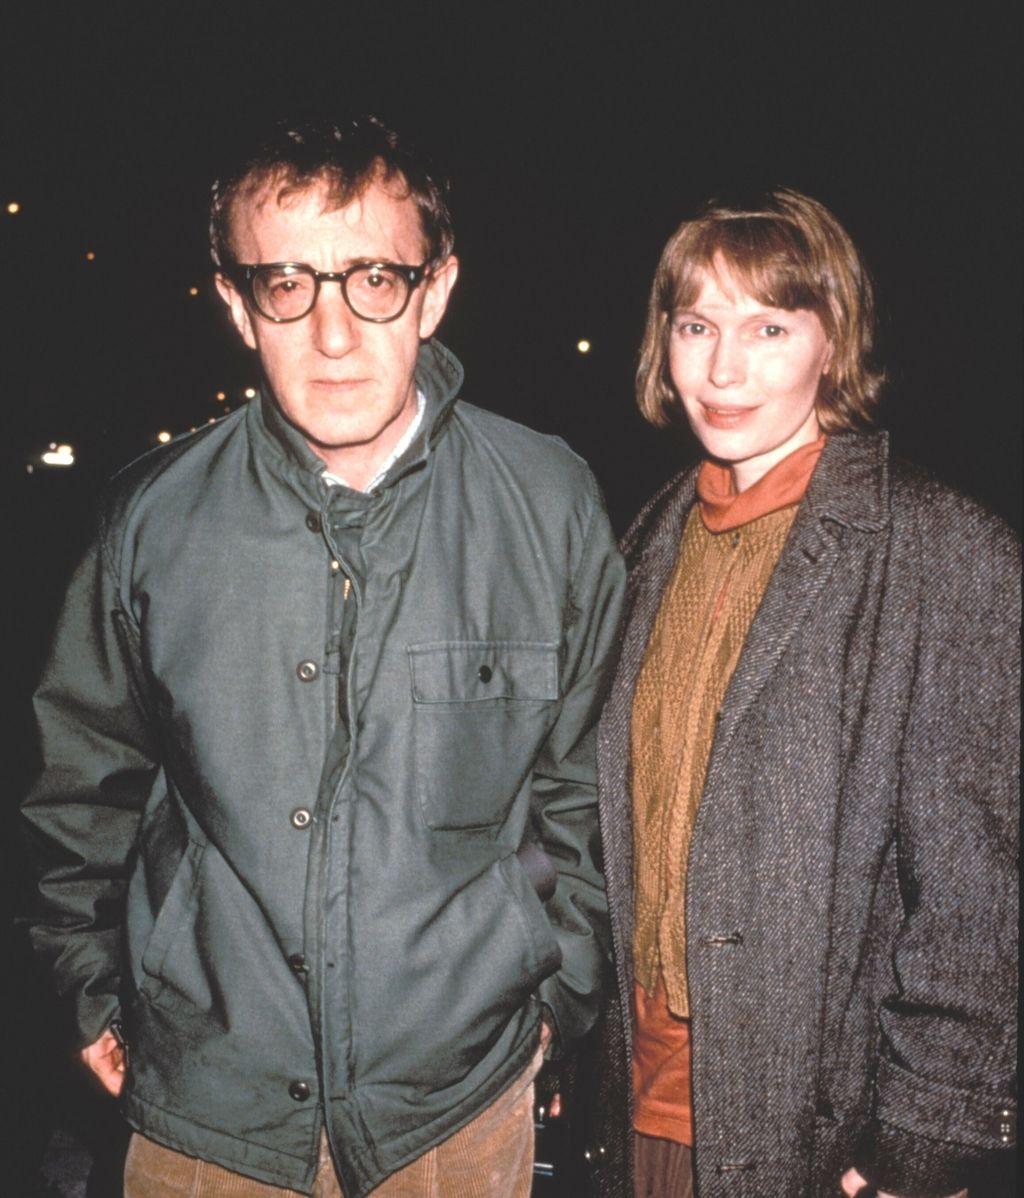 La hija de Woody Allen, Dylan Farrow confiesa que su padre le violó